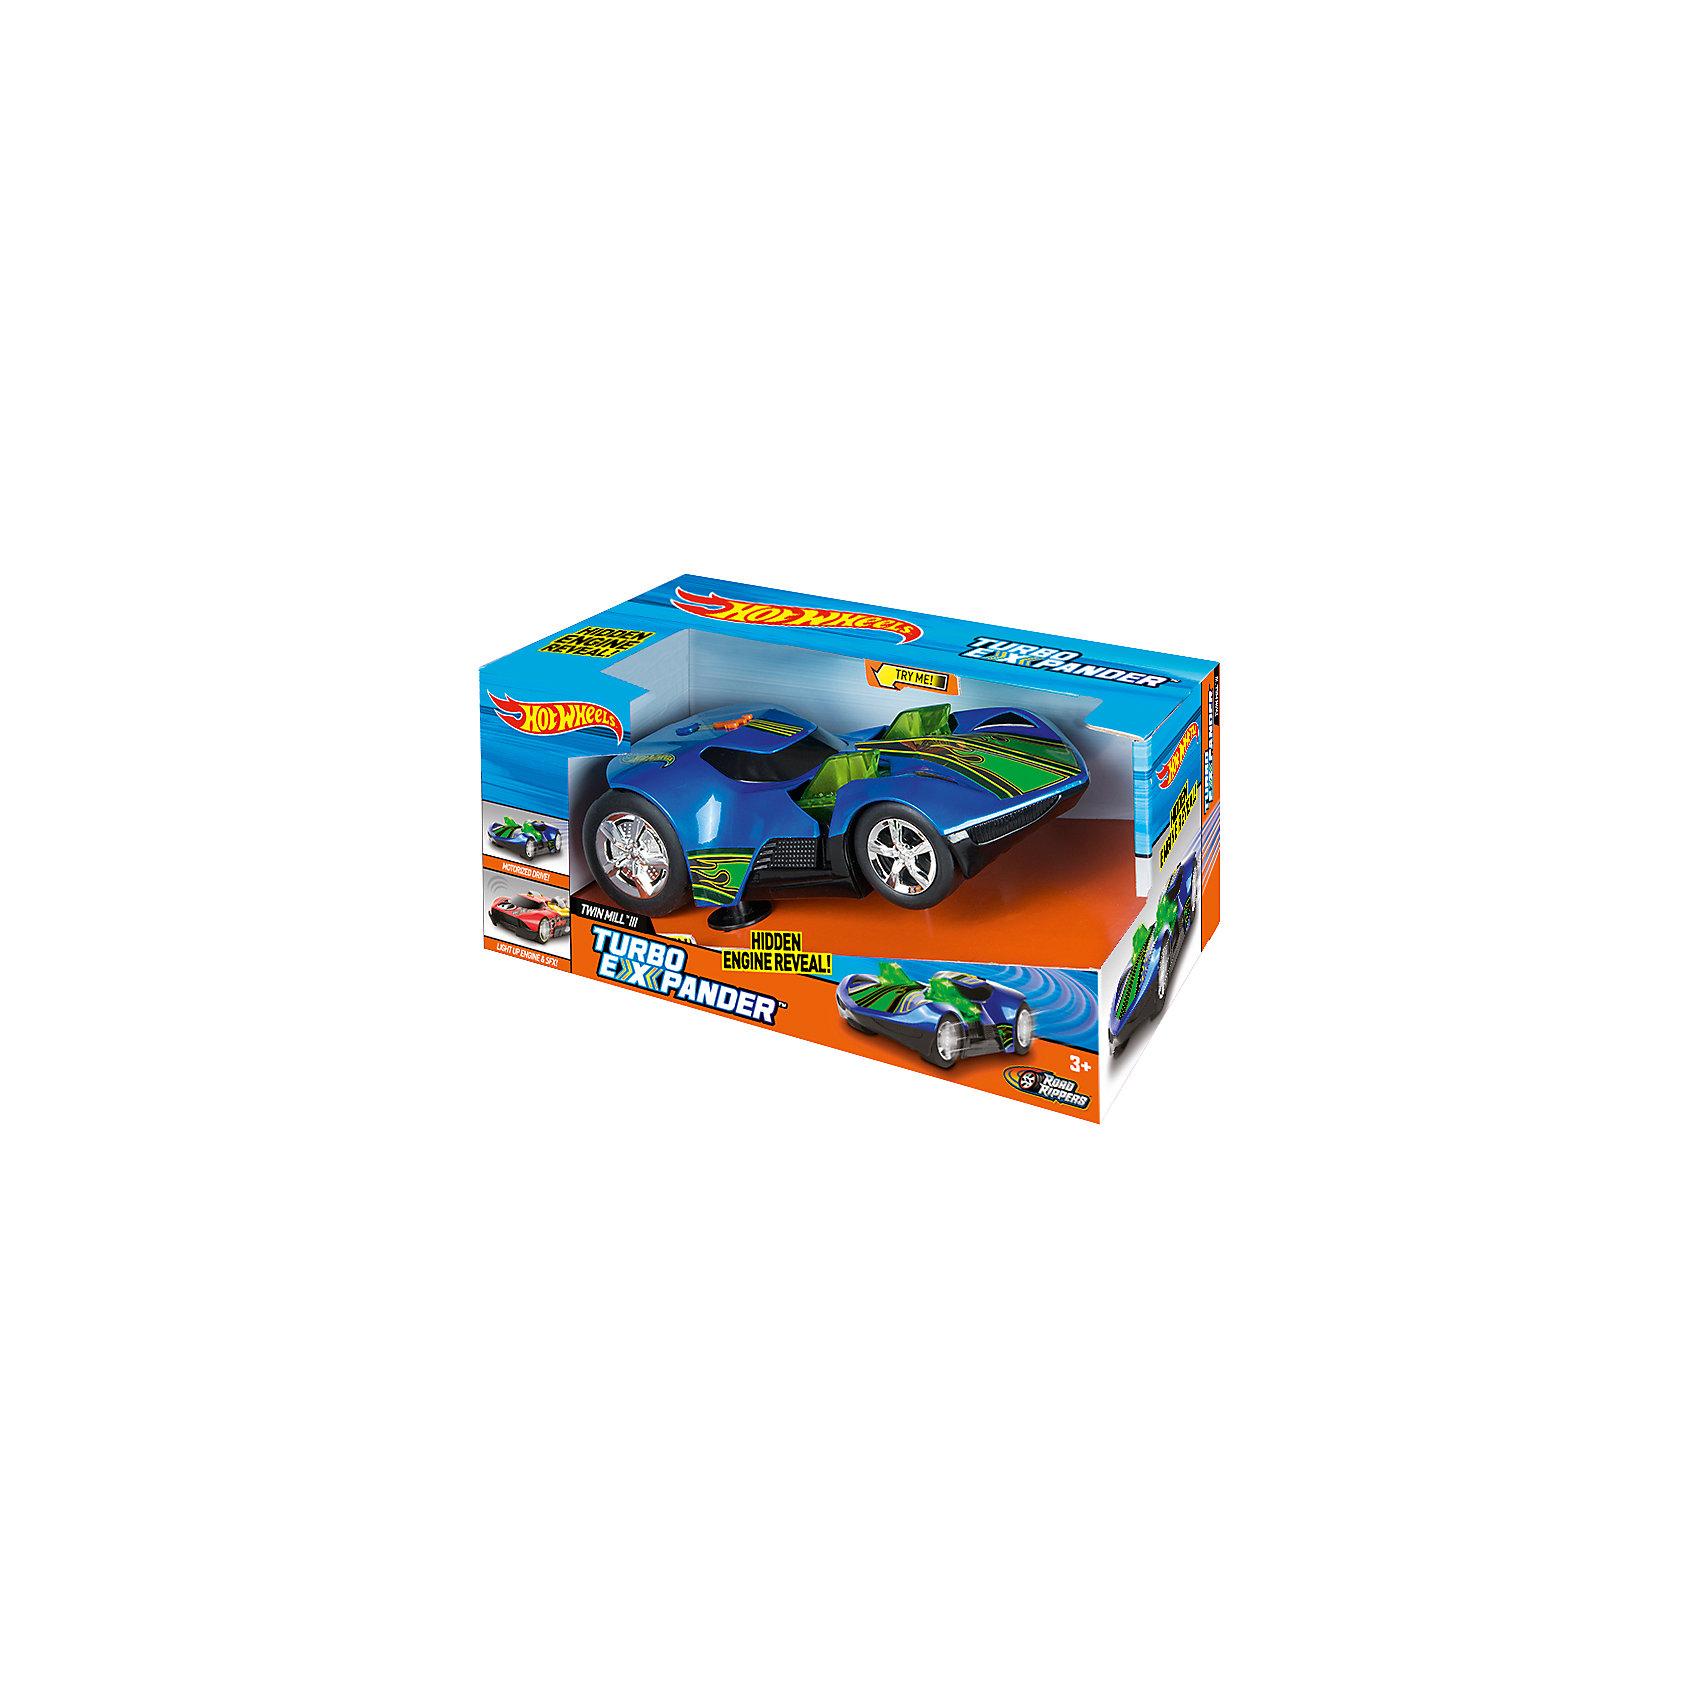 Машинка - Turbo Expander (свет, звук), синяя, 33 см, Hot WheelsХарактеристики товара:<br><br>- цвет: синий;<br>- материал: пластик, металл;<br>- особенности: со световыми и звуковыми эффектами;<br>- вес: 500 г;<br>- батарейки 3хААА;<br>- размер упаковки: 30х17х19;<br>- размер машинки: 33 см.<br><br>Какой мальчишка откажется поиграть с коллекционной машинкой Hot Wheels, которая выглядит как настоящая?! Машинка очень эффектно смотрится, она дополнена световыми, звуковыми эффектами и электроприводом. Игрушка отлично детализирована, очень качественно выполнена, поэтому она станет отличным подарком ребенку. Продается в красивой упаковке.<br>Изделия произведены из высококачественного материала, безопасного для детей.<br><br>Электромеханическую машинку Hot Wheels можно купить в нашем интернет-магазине.<br><br>Ширина мм: 360<br>Глубина мм: 170<br>Высота мм: 190<br>Вес г: 512<br>Возраст от месяцев: 36<br>Возраст до месяцев: 2147483647<br>Пол: Мужской<br>Возраст: Детский<br>SKU: 5066727